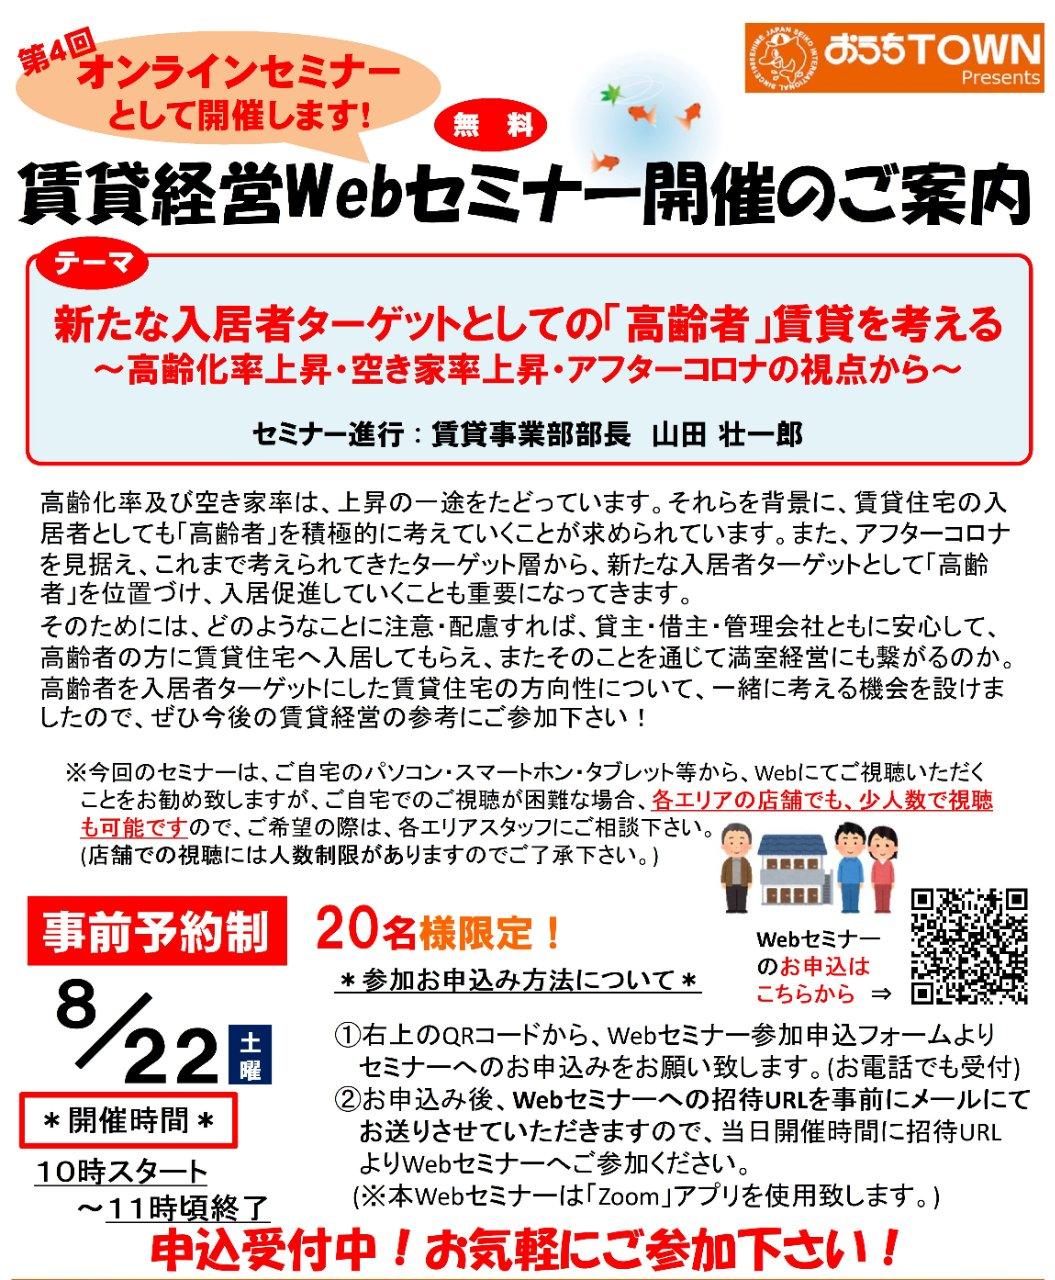 第4回 賃貸経営Webセミナー 8/22(土)10:00~